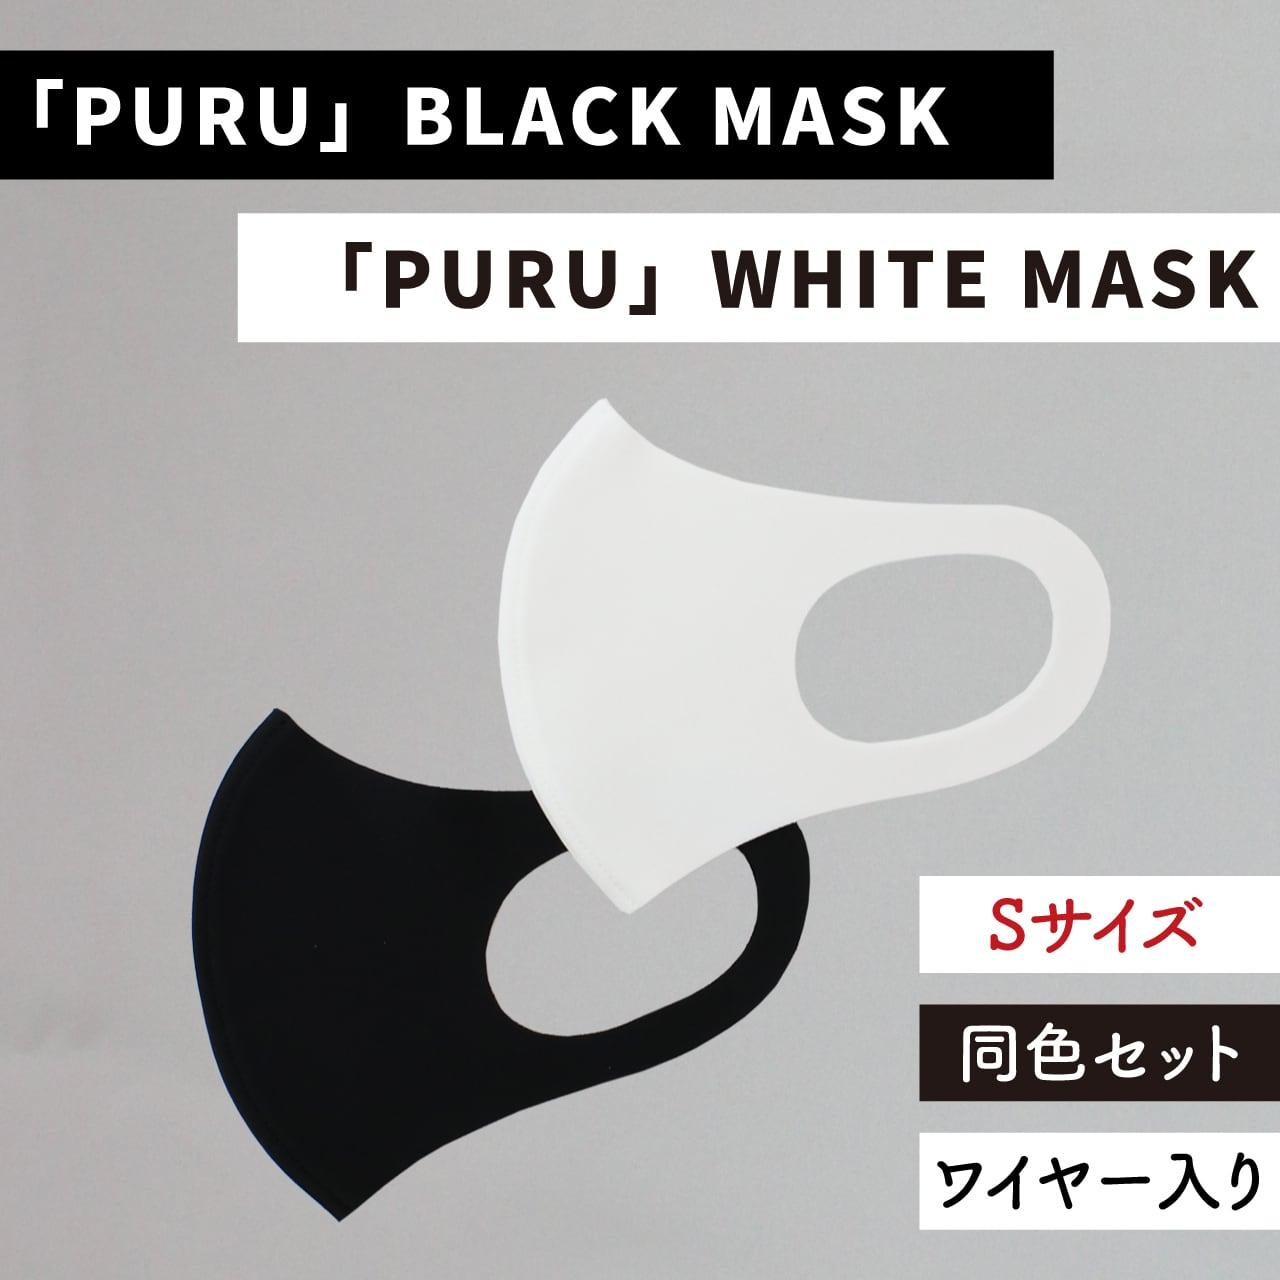 Sサイズ 「ぷるピッタ」®マスク 白黒 同色2枚入